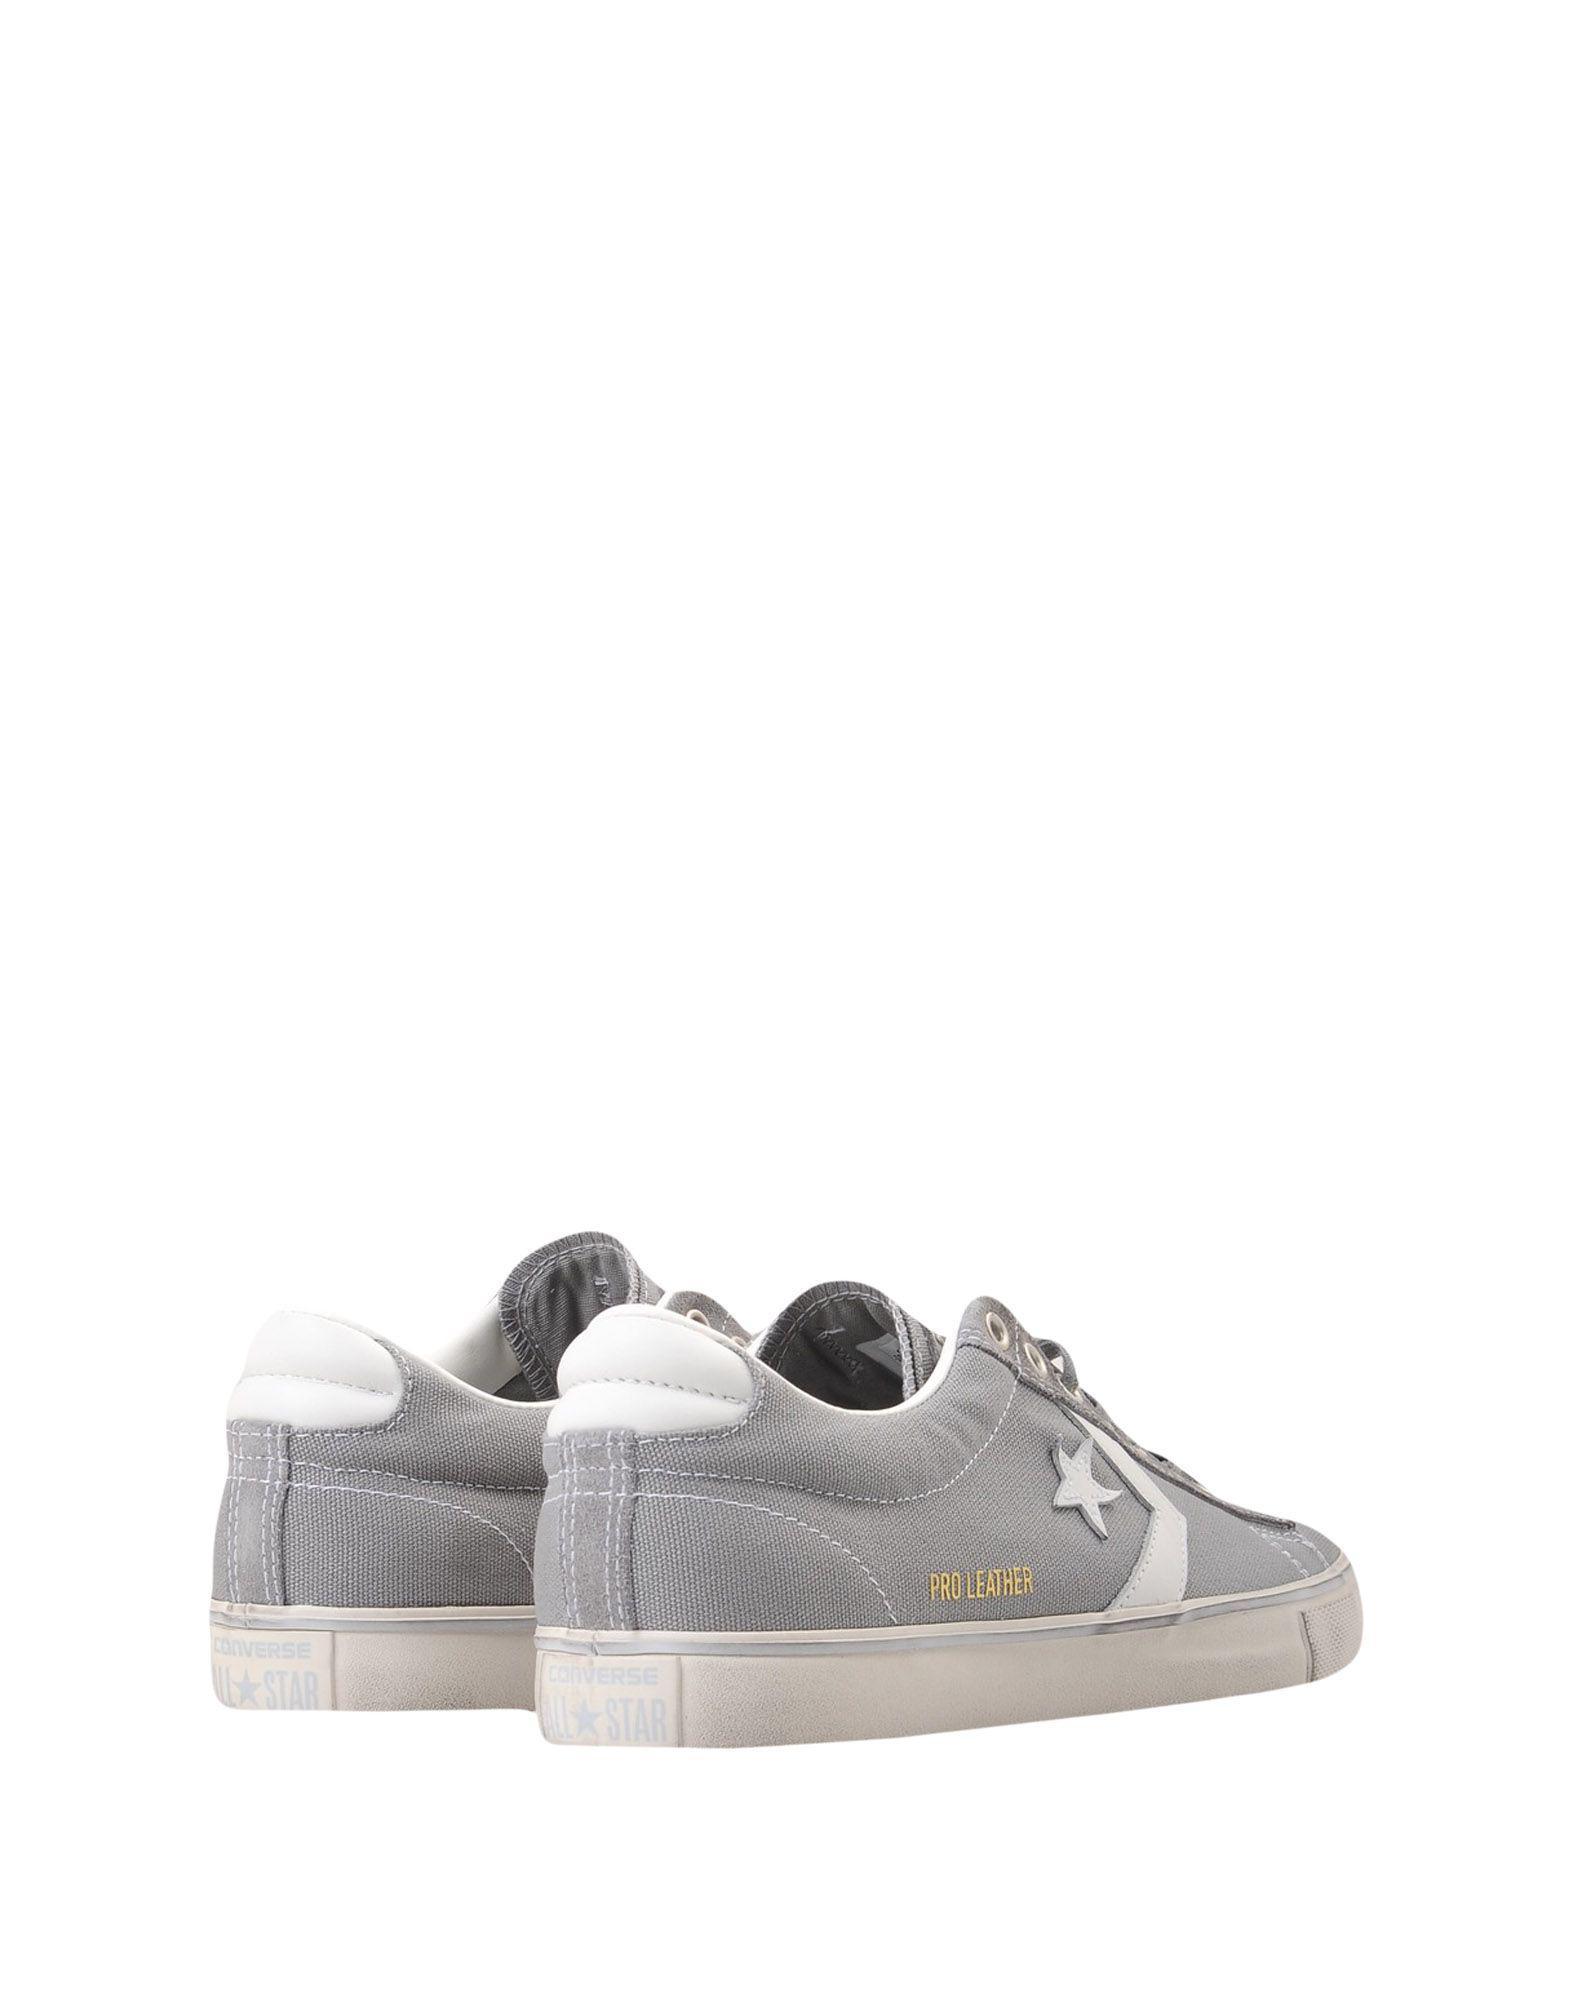 Sneakers & Tennis basses Toile Converse pour homme en coloris Gris T7mB